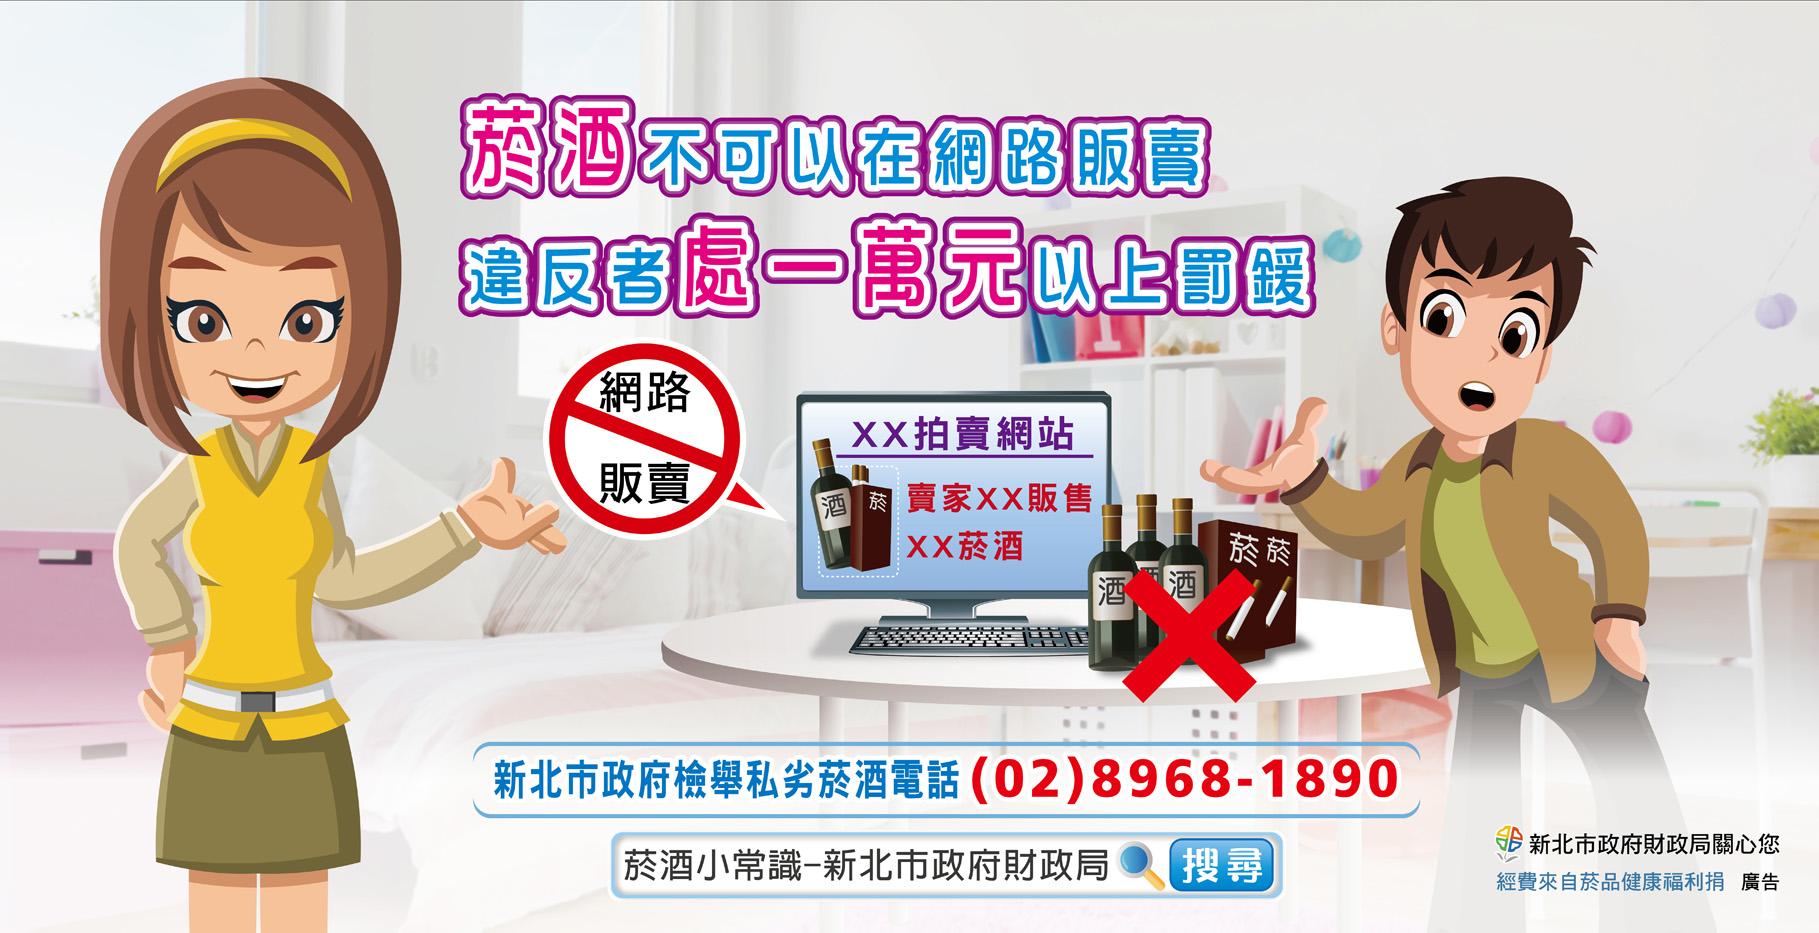 財政局網路禁賣菸酒廣告